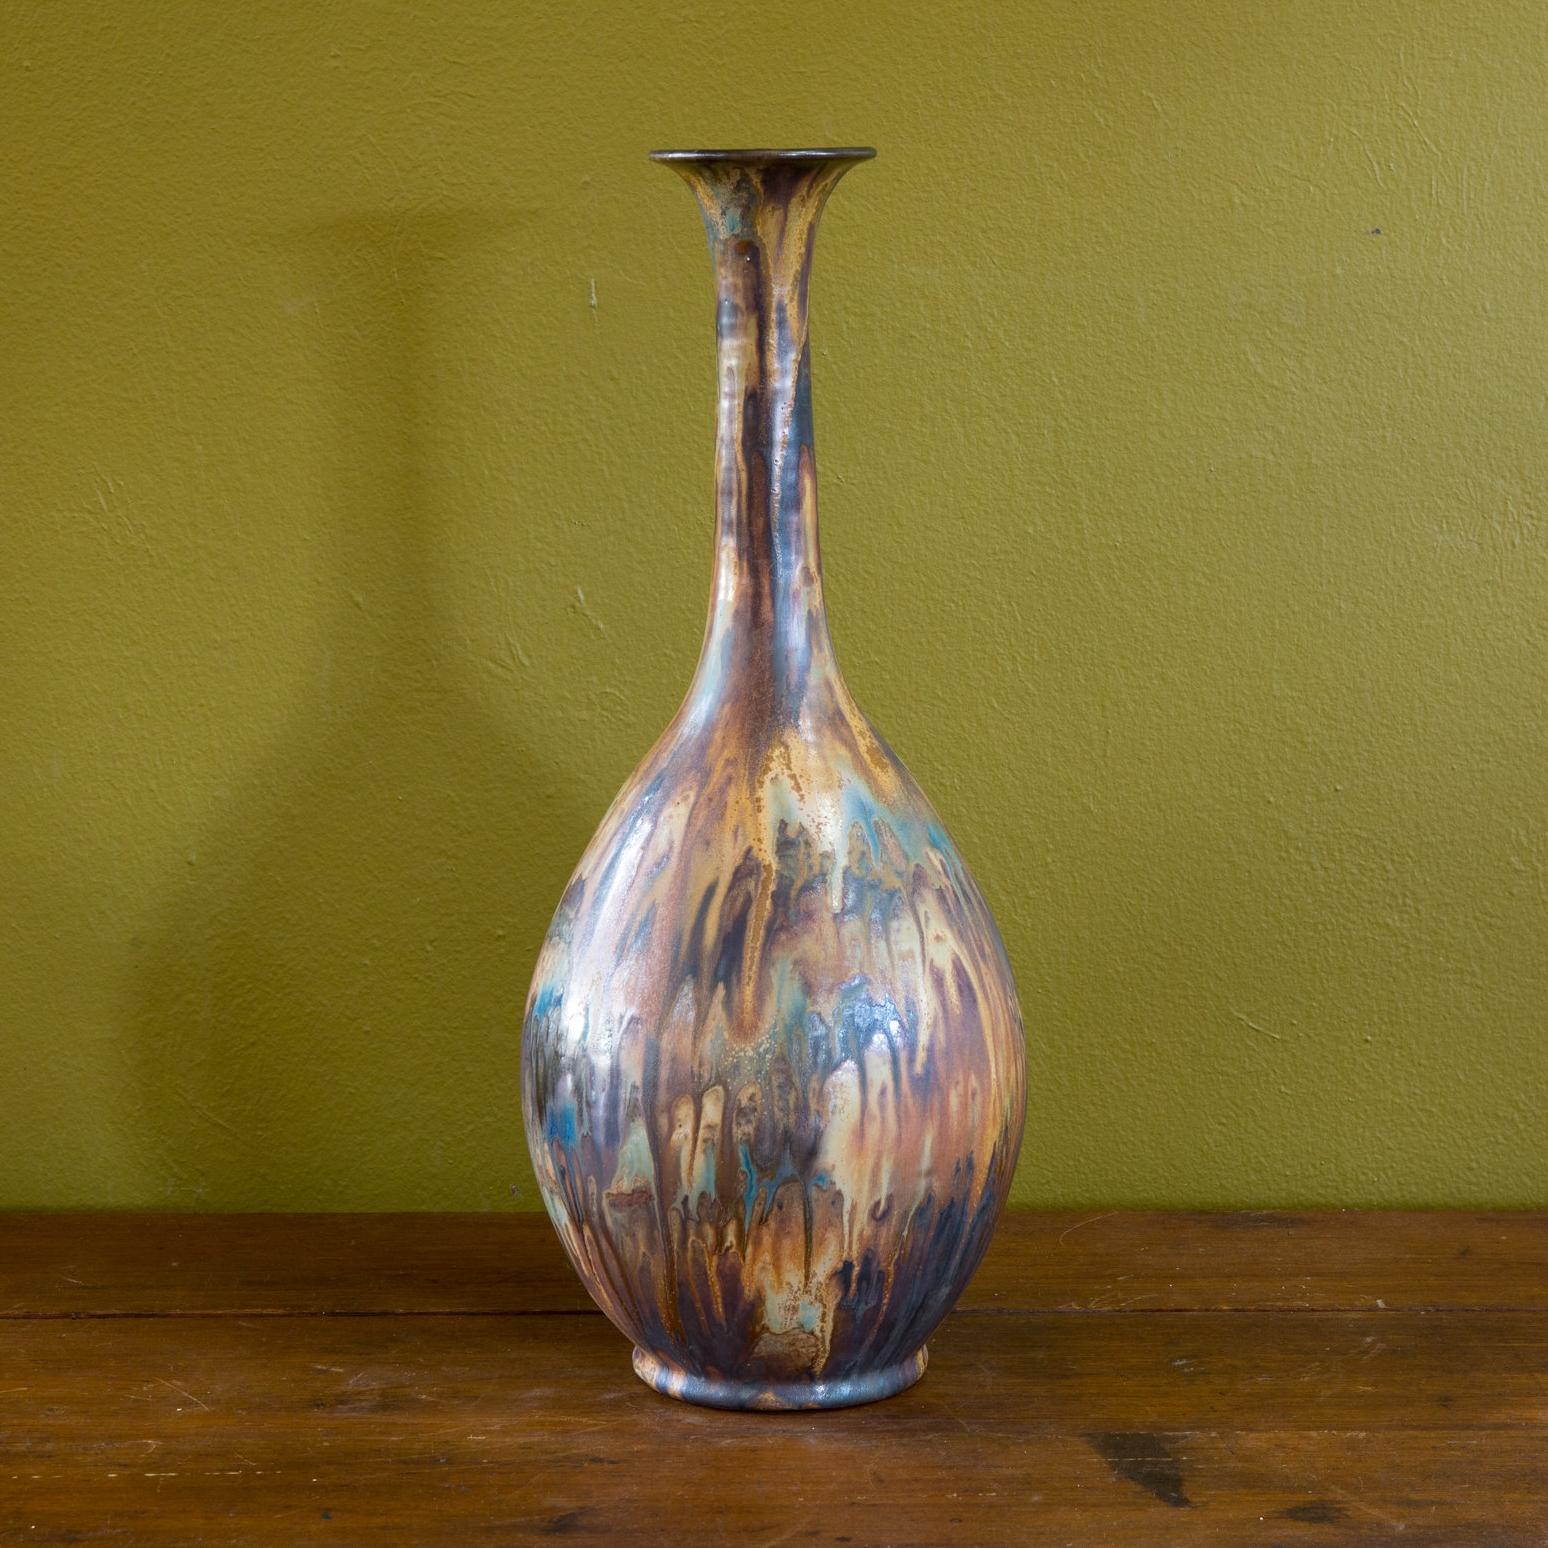 Pottery Vase by Roger Guerin